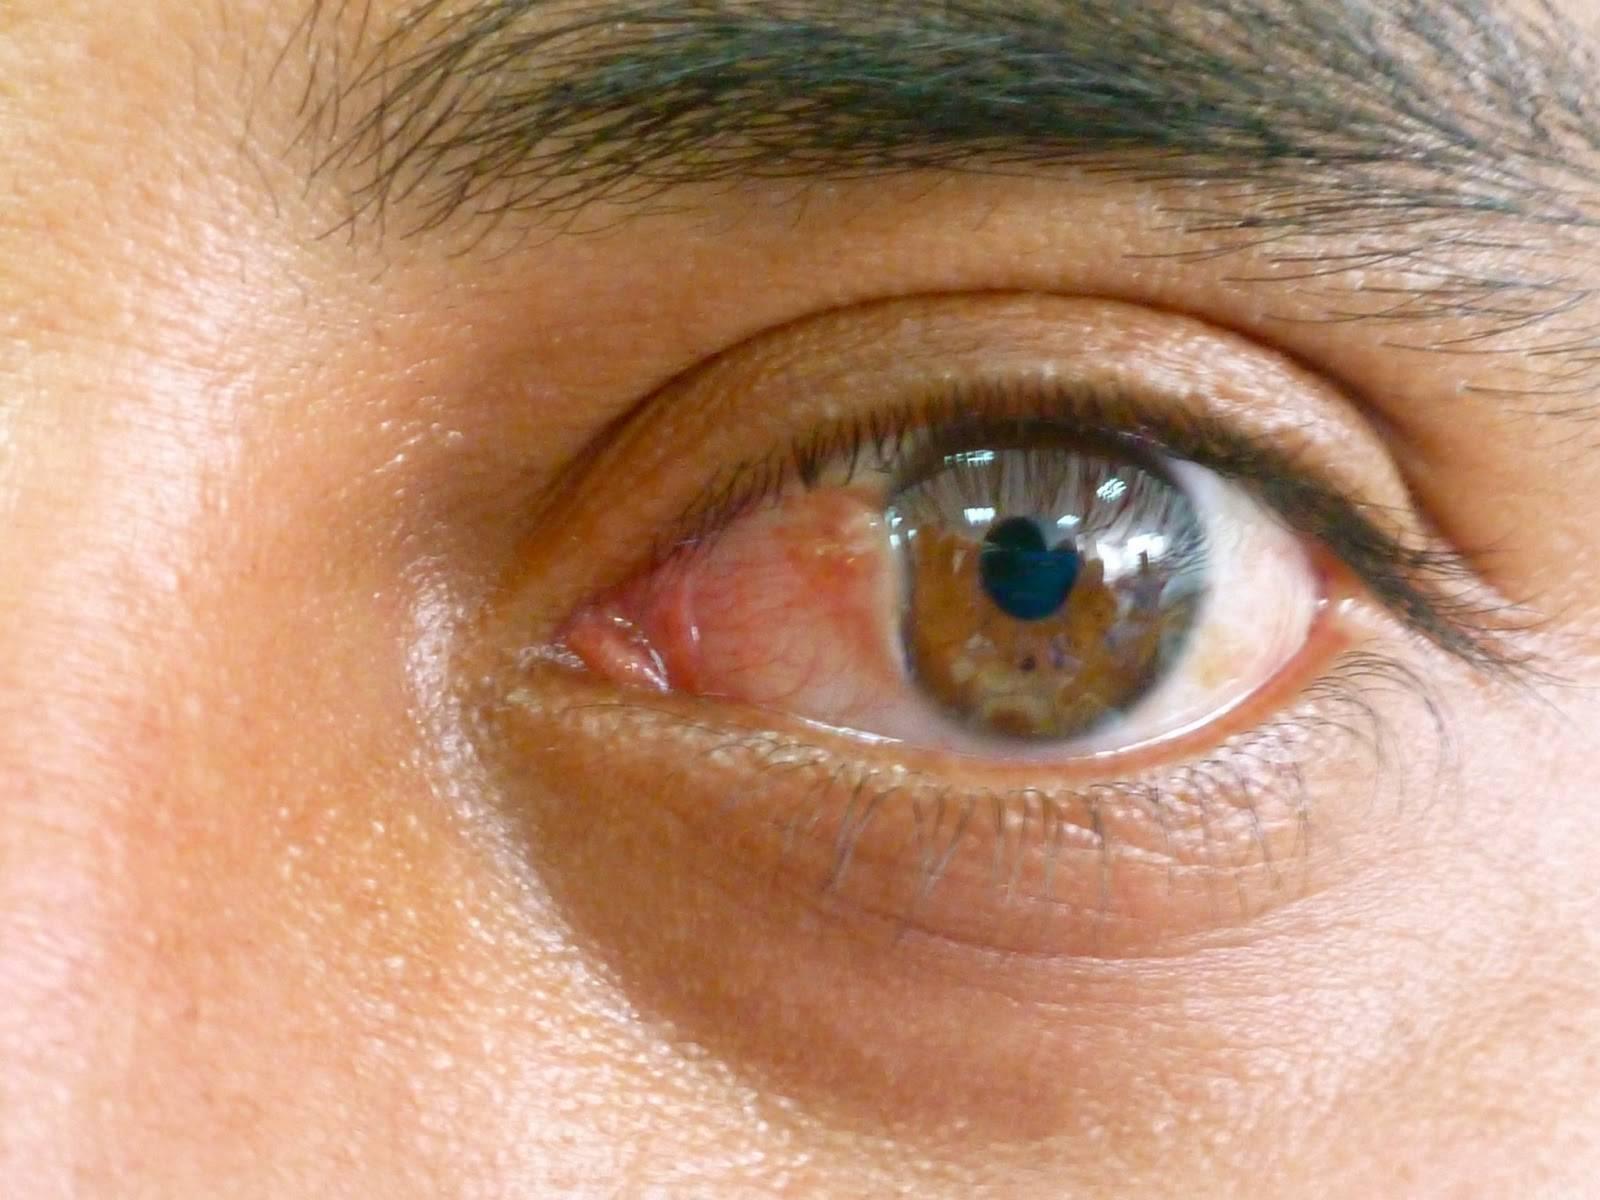 Птеригиум глаза: причины, симптомы и лечение